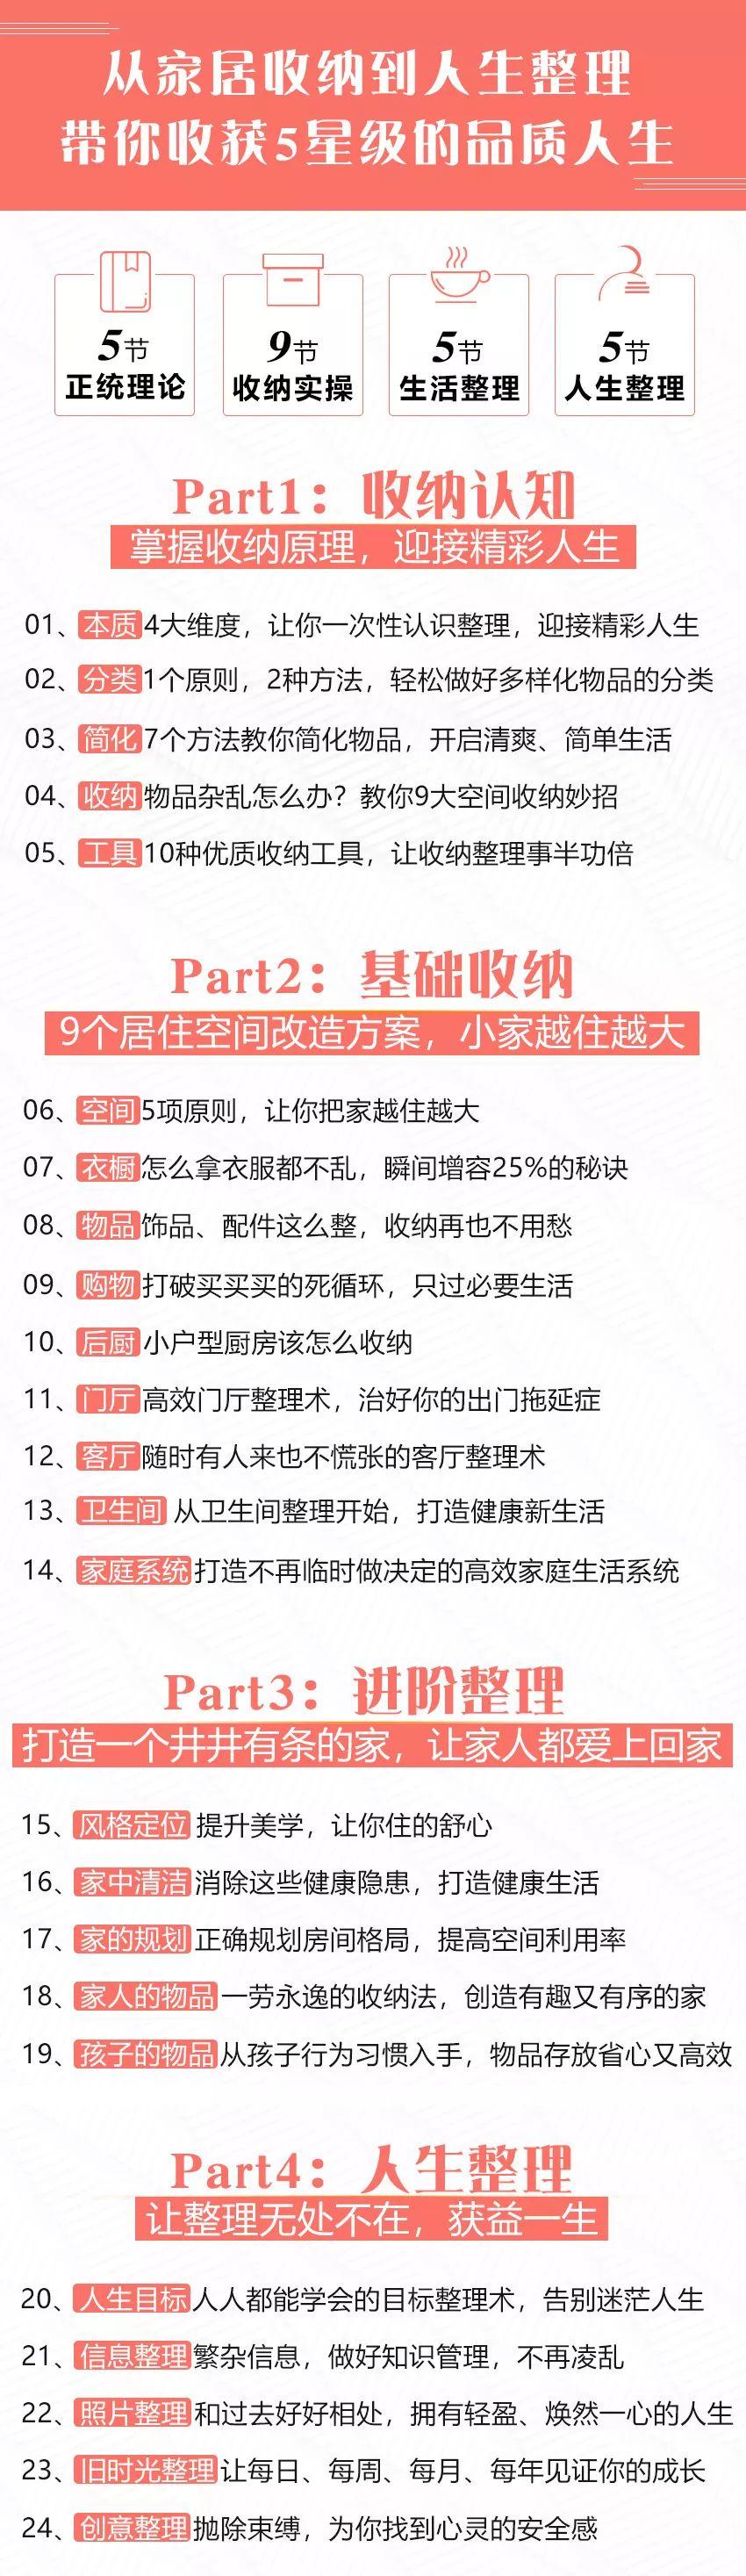 中国式家庭必备:24堂超级收纳课,还你干净清爽的精致生活!-第16张图片-爱课啦